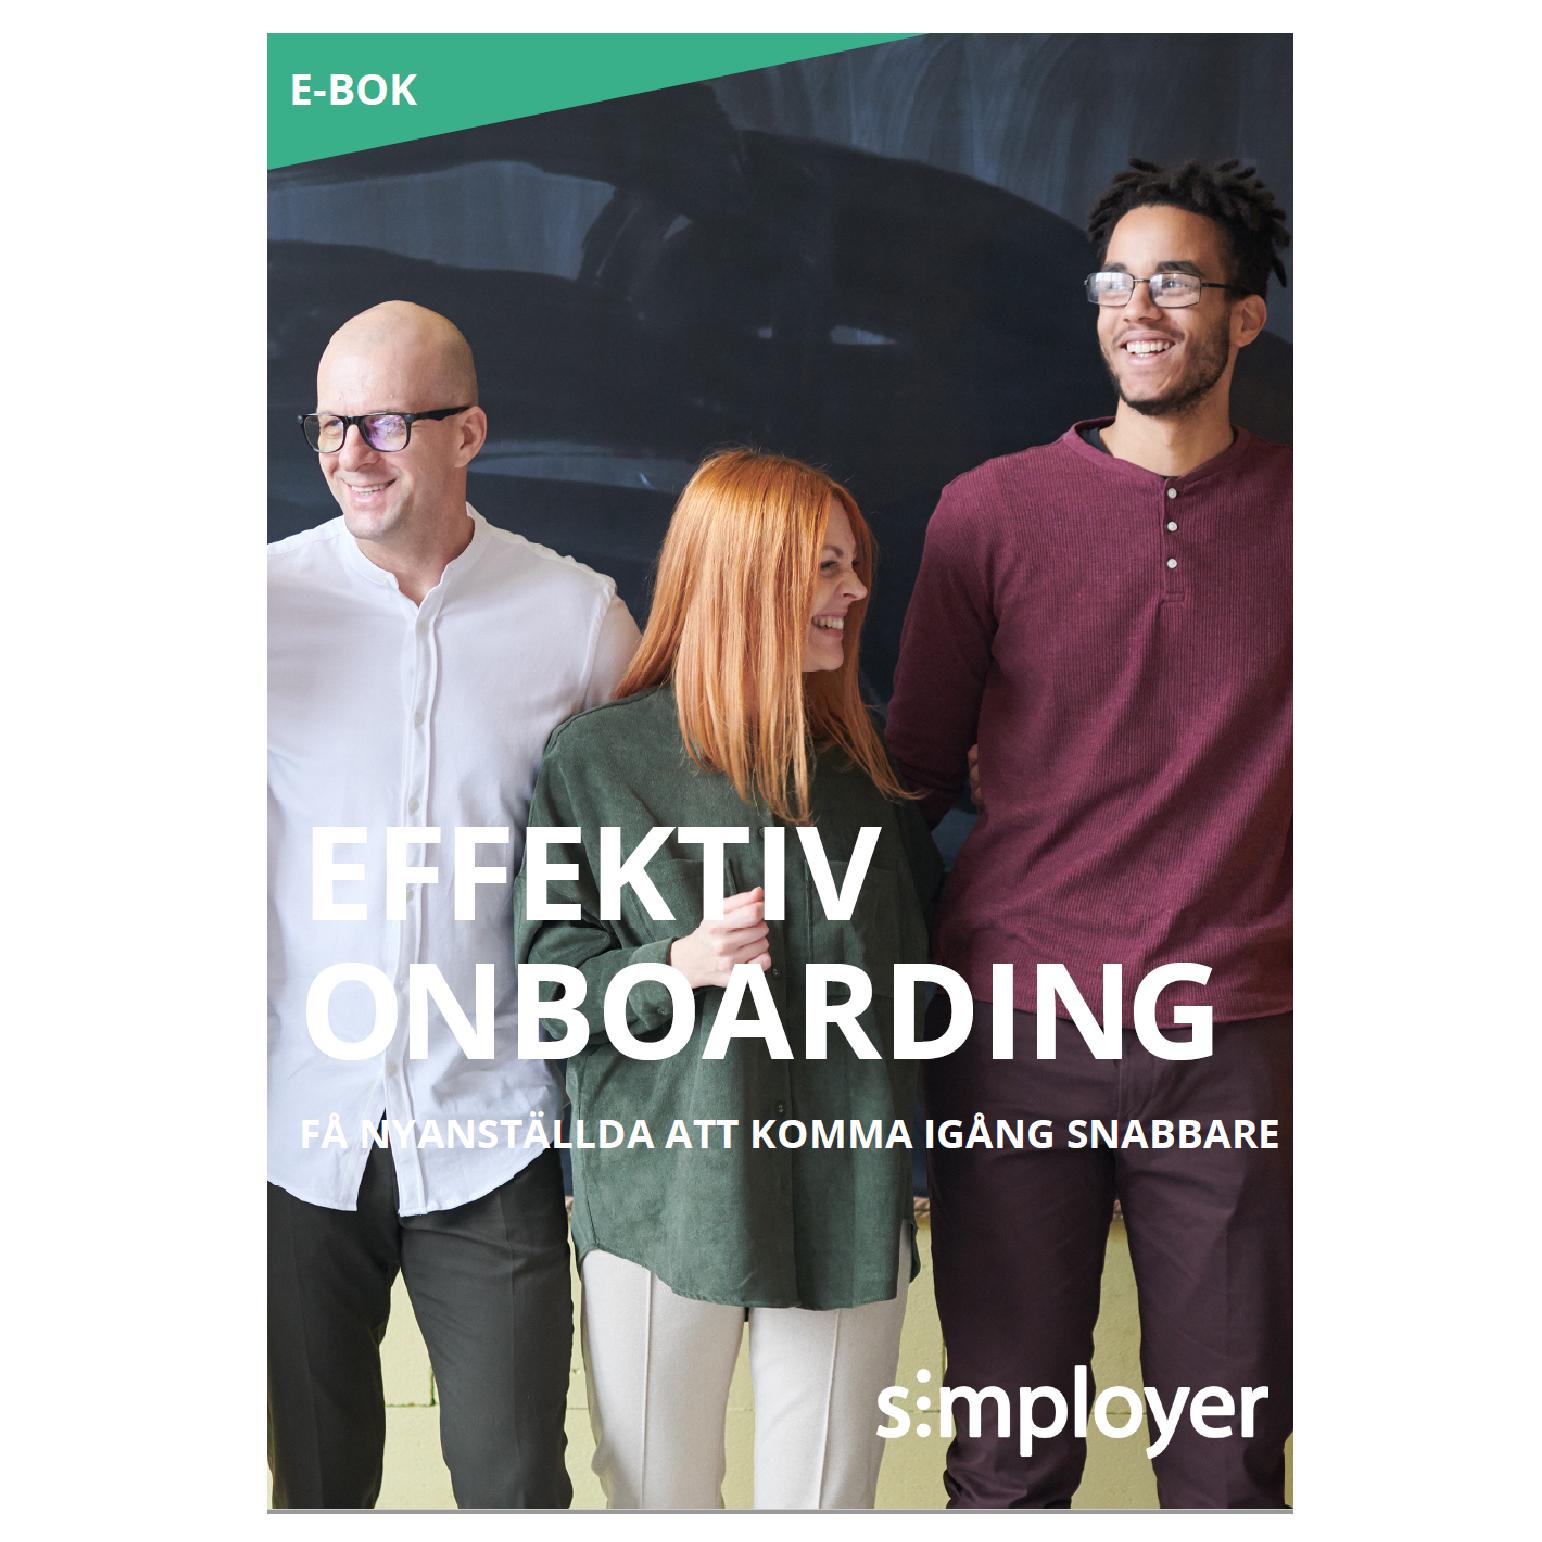 E-boken Effektiv onboarding